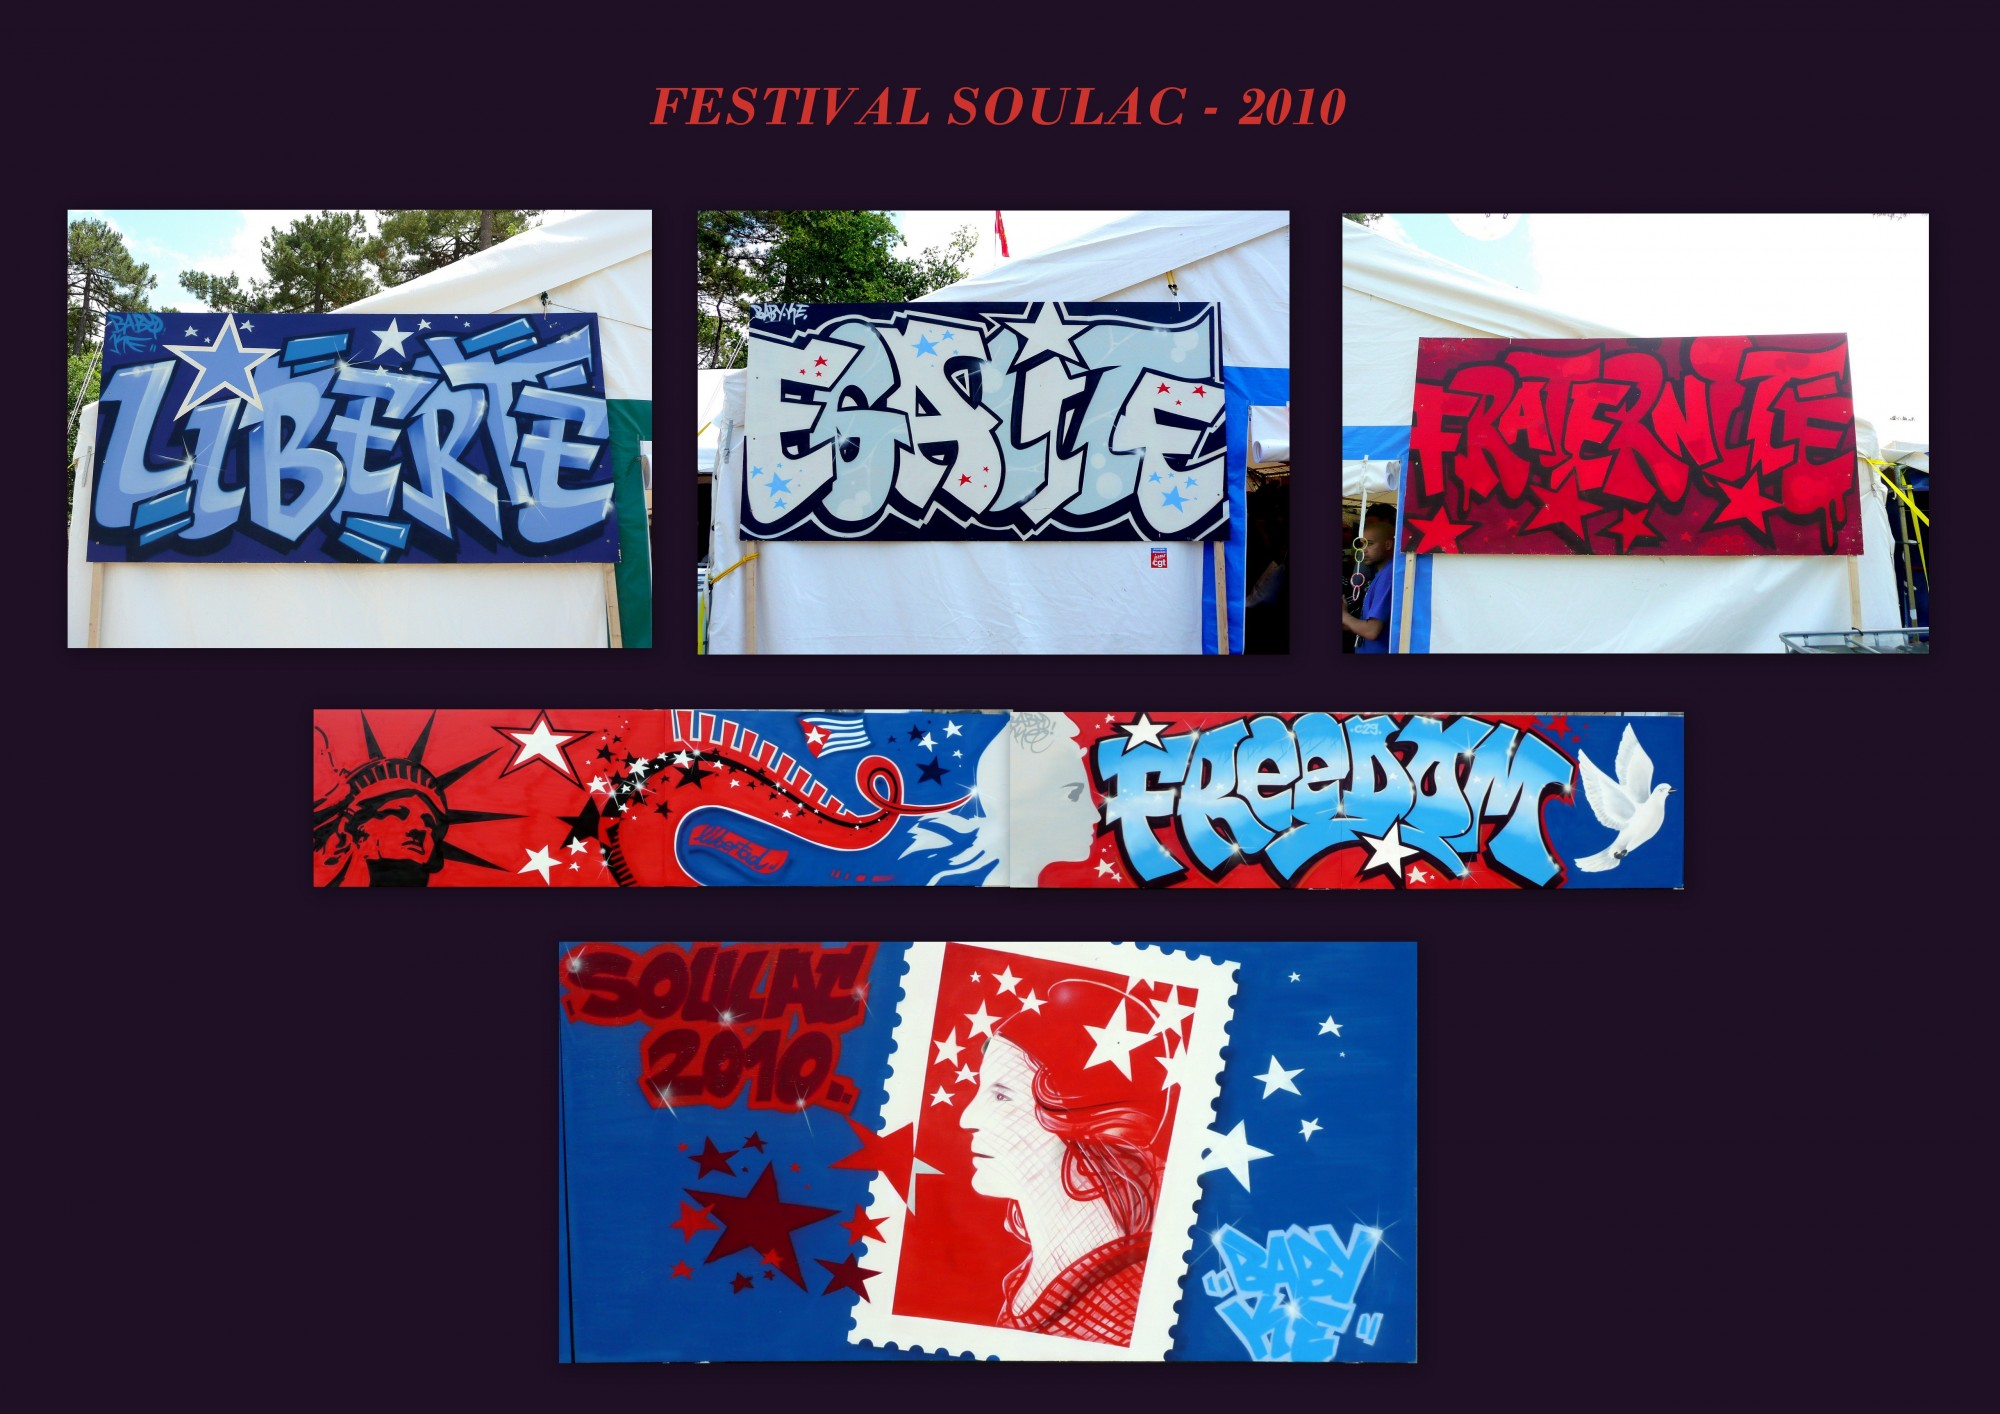 SOULAC 2010